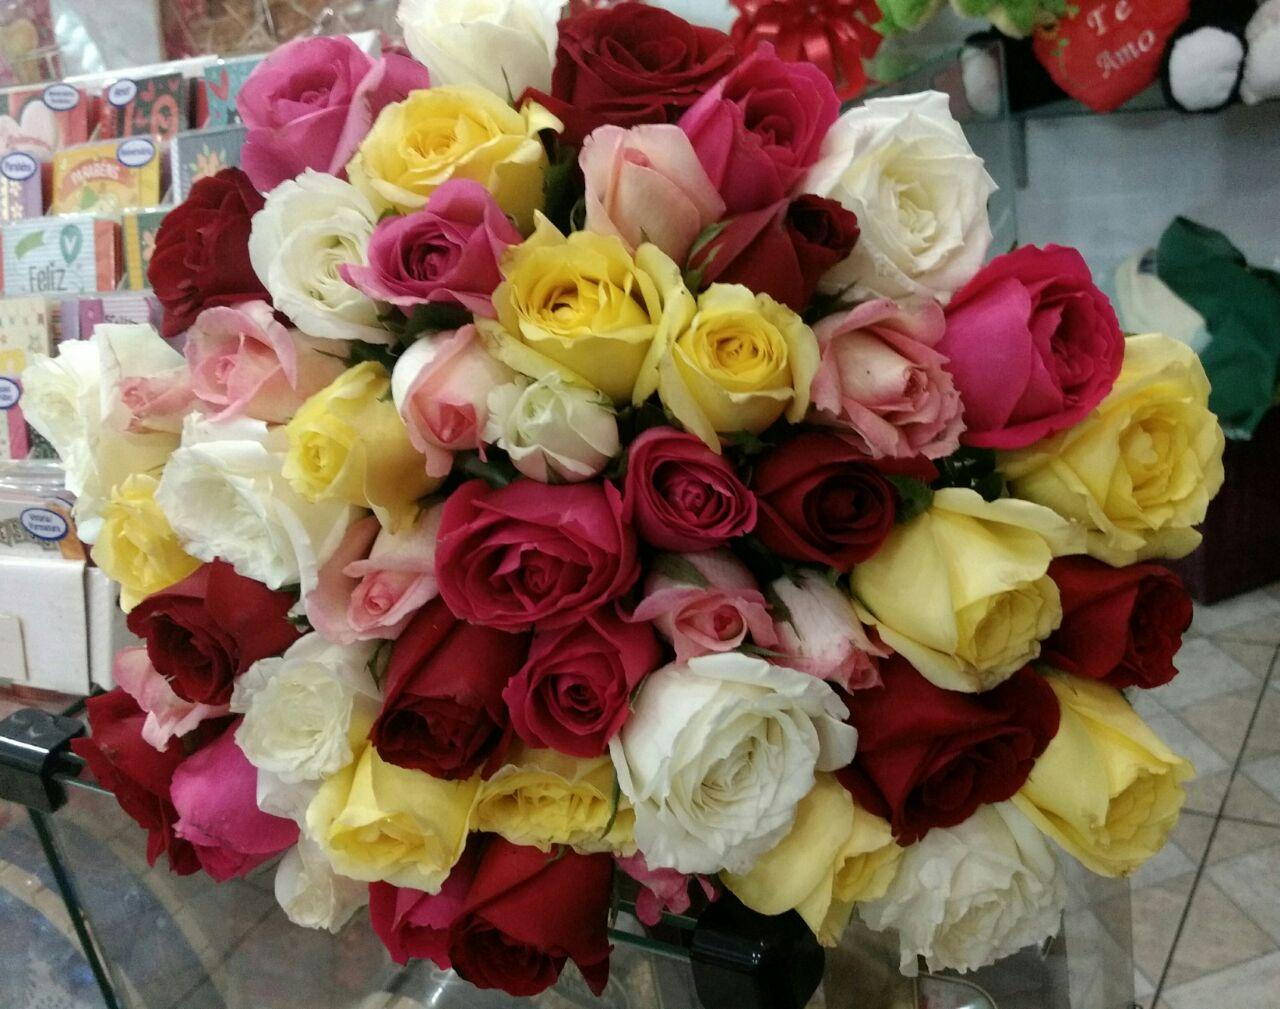 Flores Ribeirao Pires - Floricultura Ribeirao Pires - Produto 1